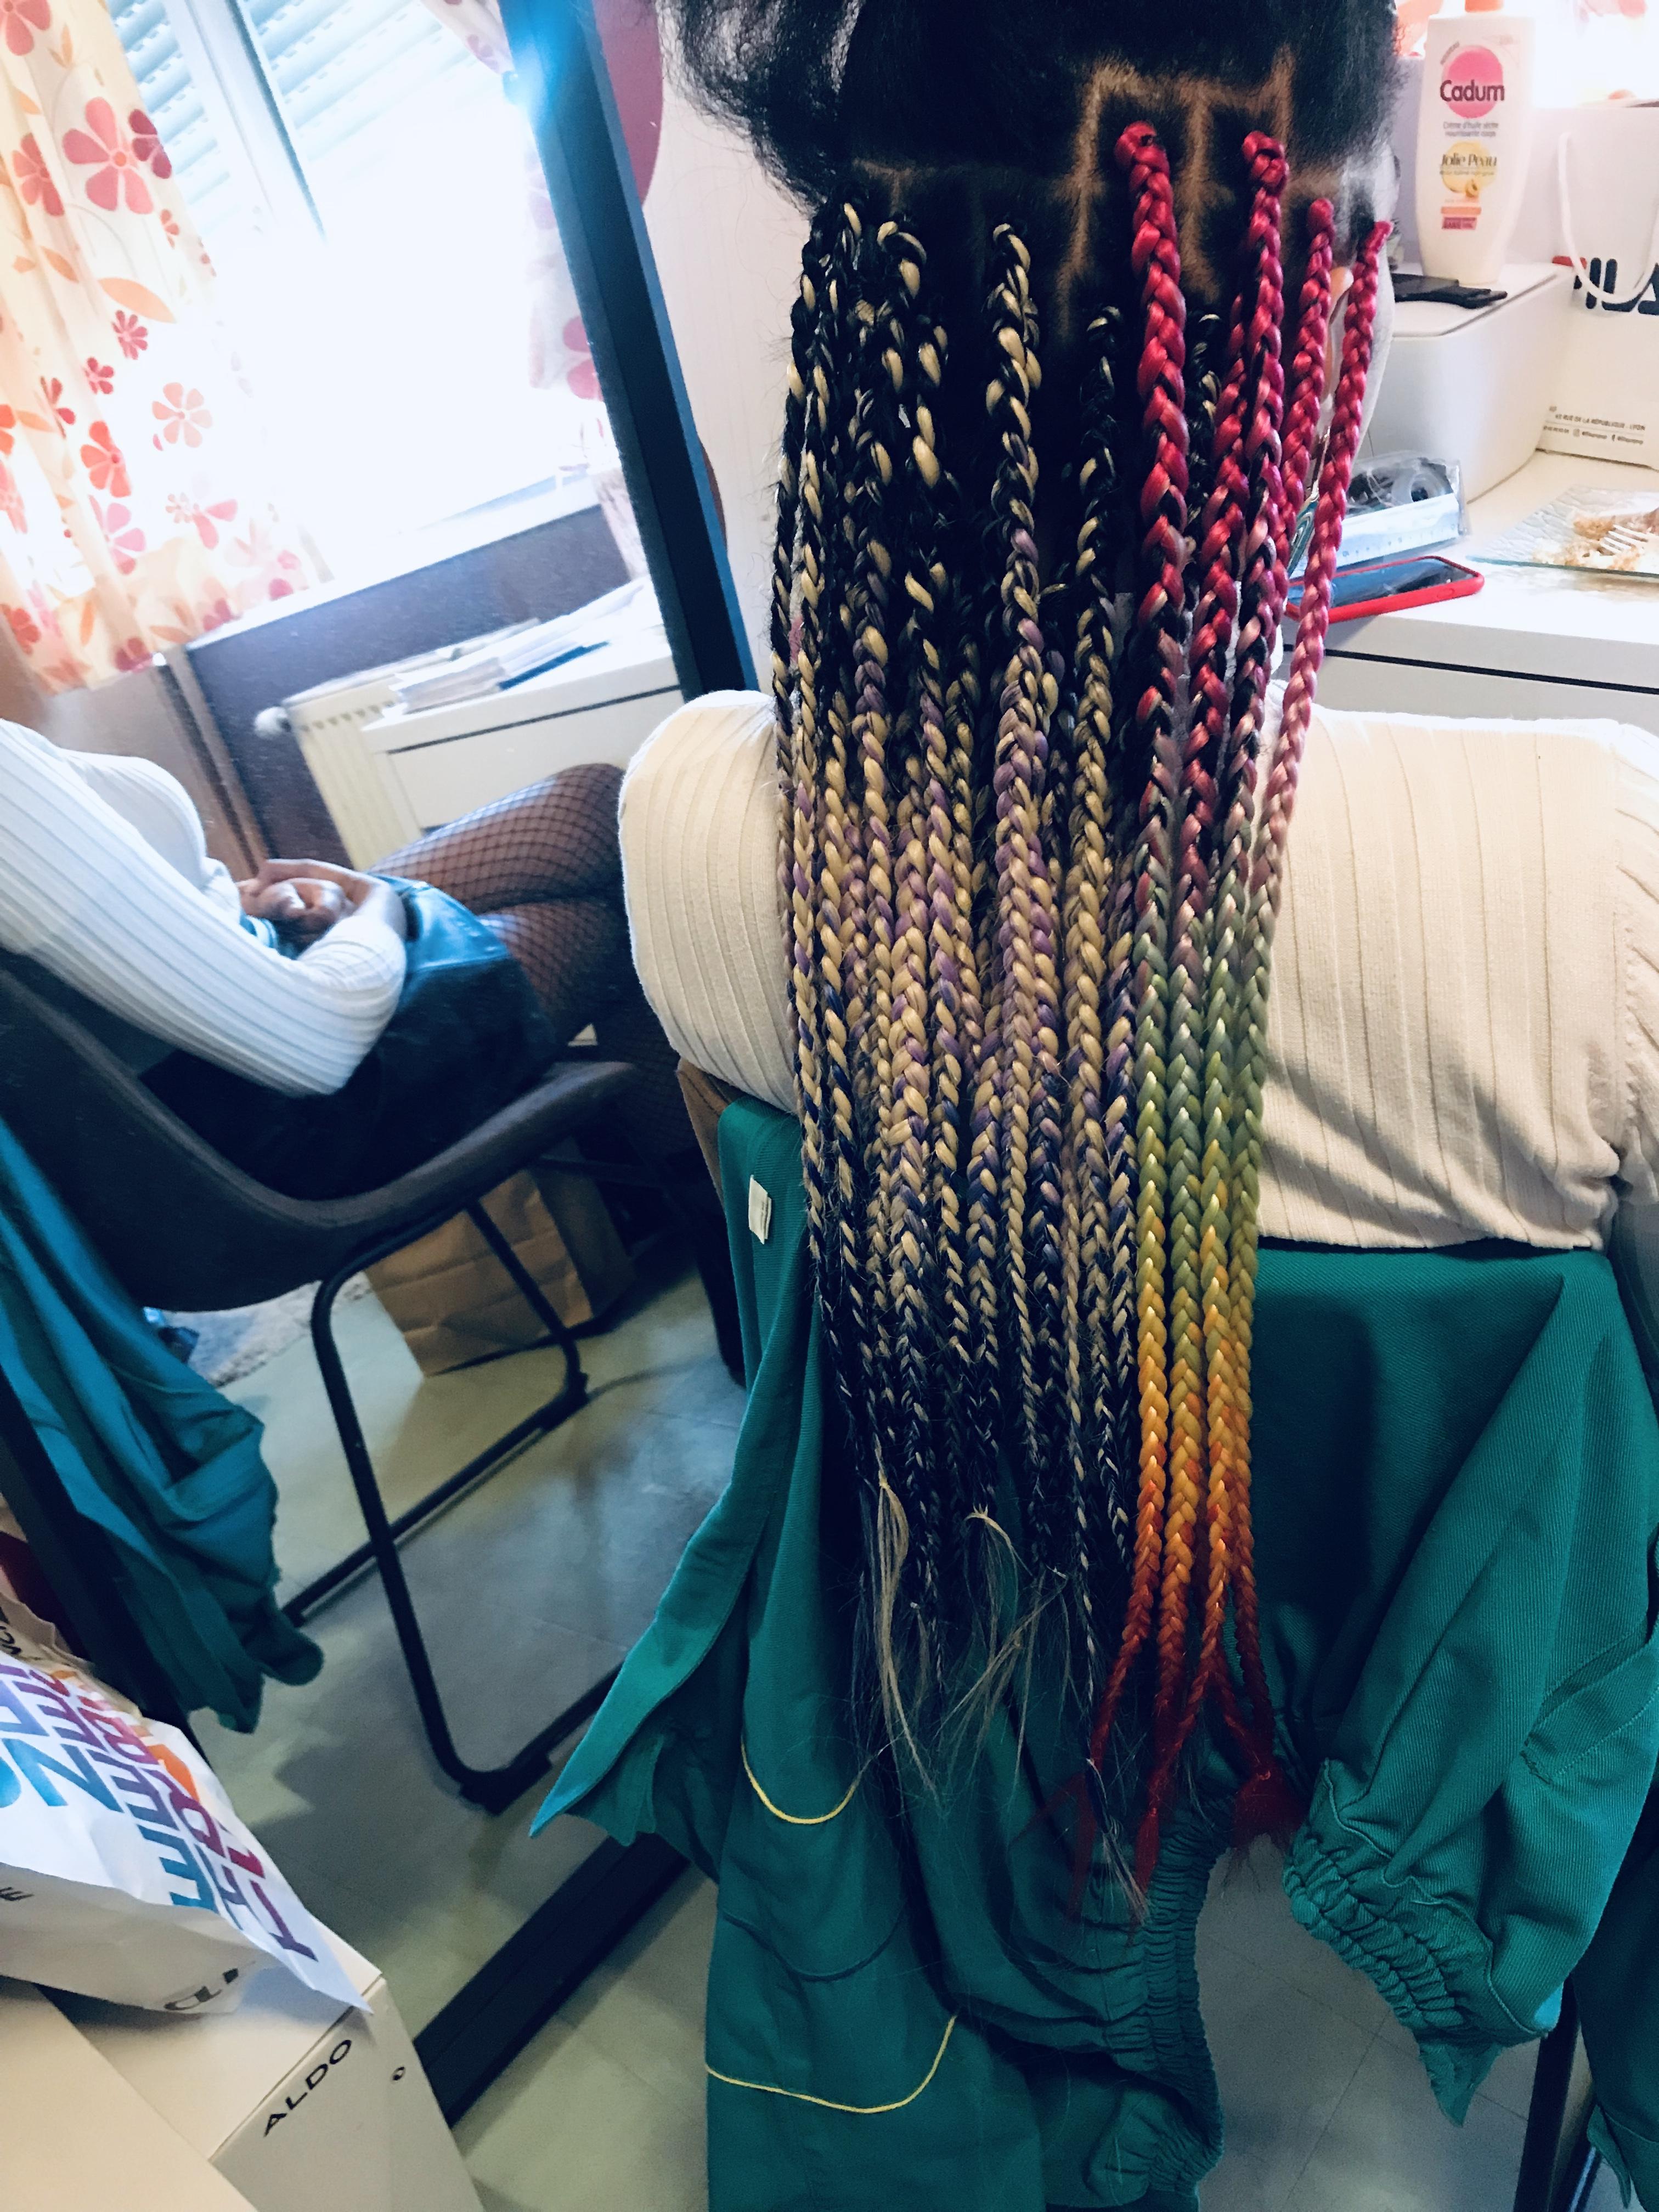 salon de coiffure afro tresse tresses box braids crochet braids vanilles tissages paris 75 77 78 91 92 93 94 95 EAZBBEAJ